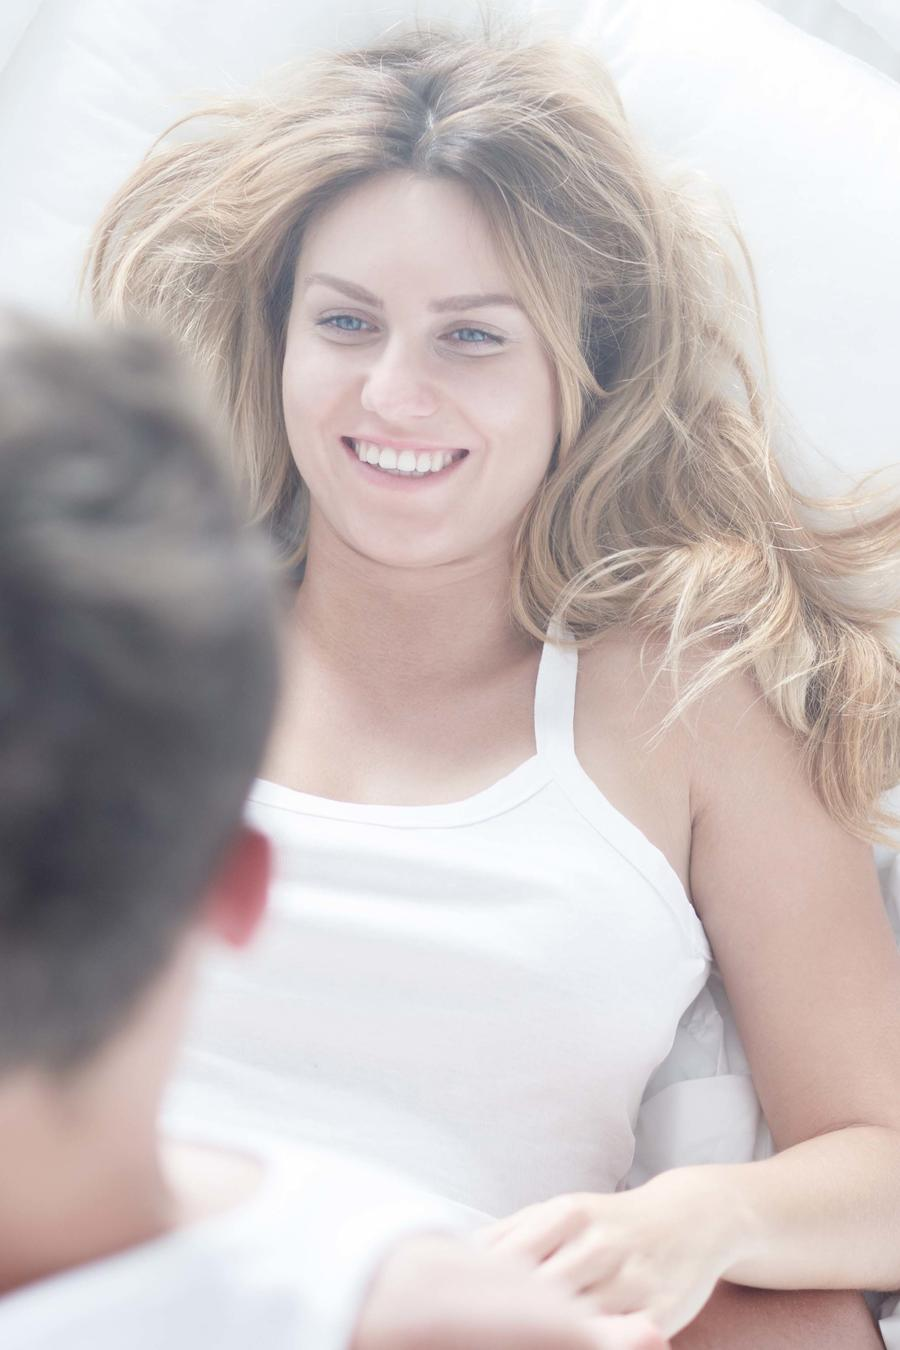 Pareja jugueteando en la cama sobre sábanas blancas